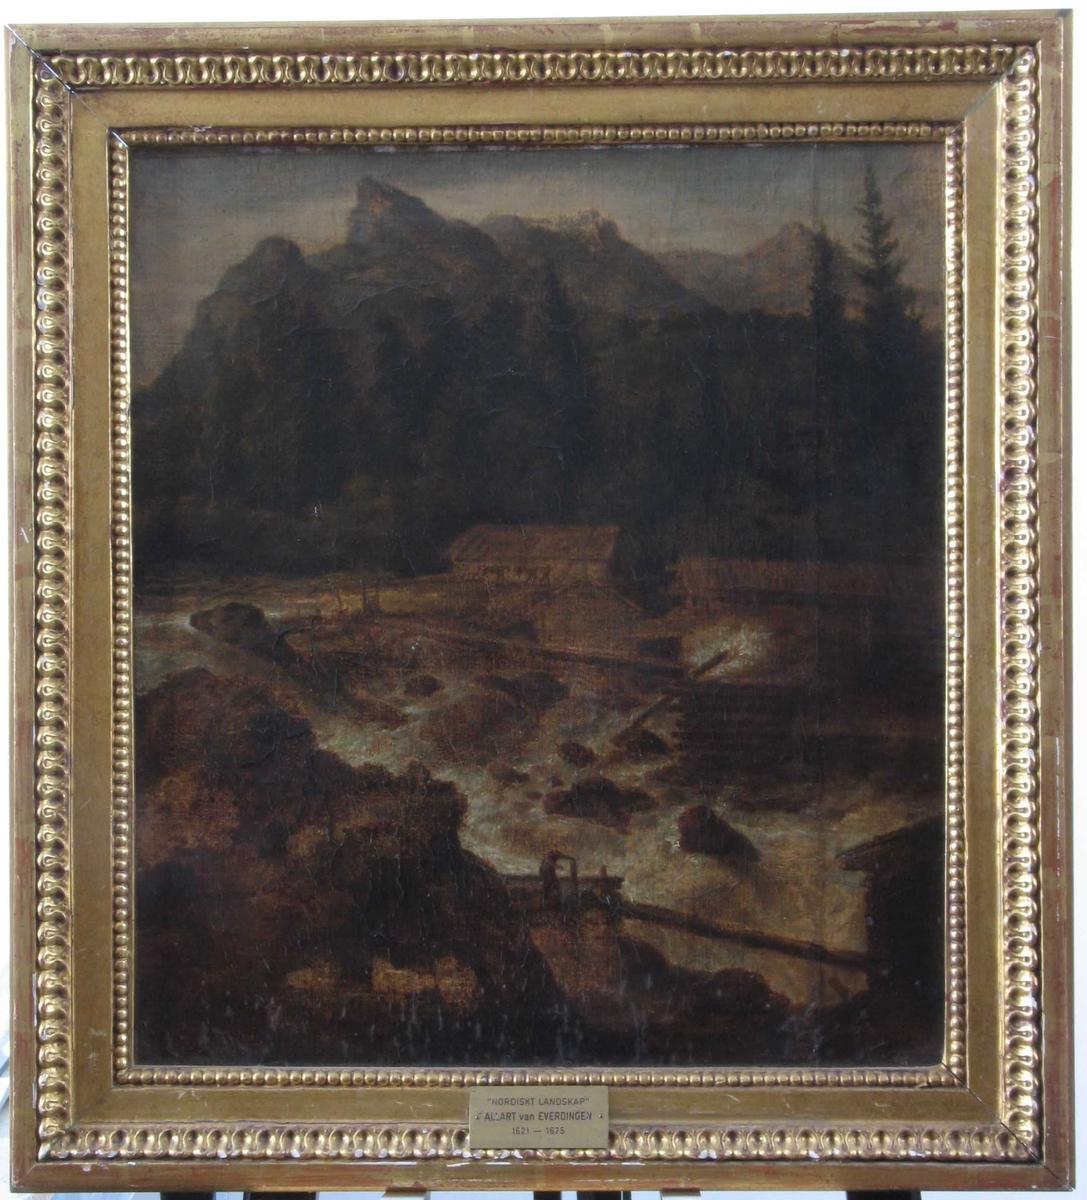 Norsk landskap med foss. Bergfullt skoglandskap med steinet fossestryk i forgrunnen, i fossen kvernhus og sagbruk, personer i arbeid og dyr.